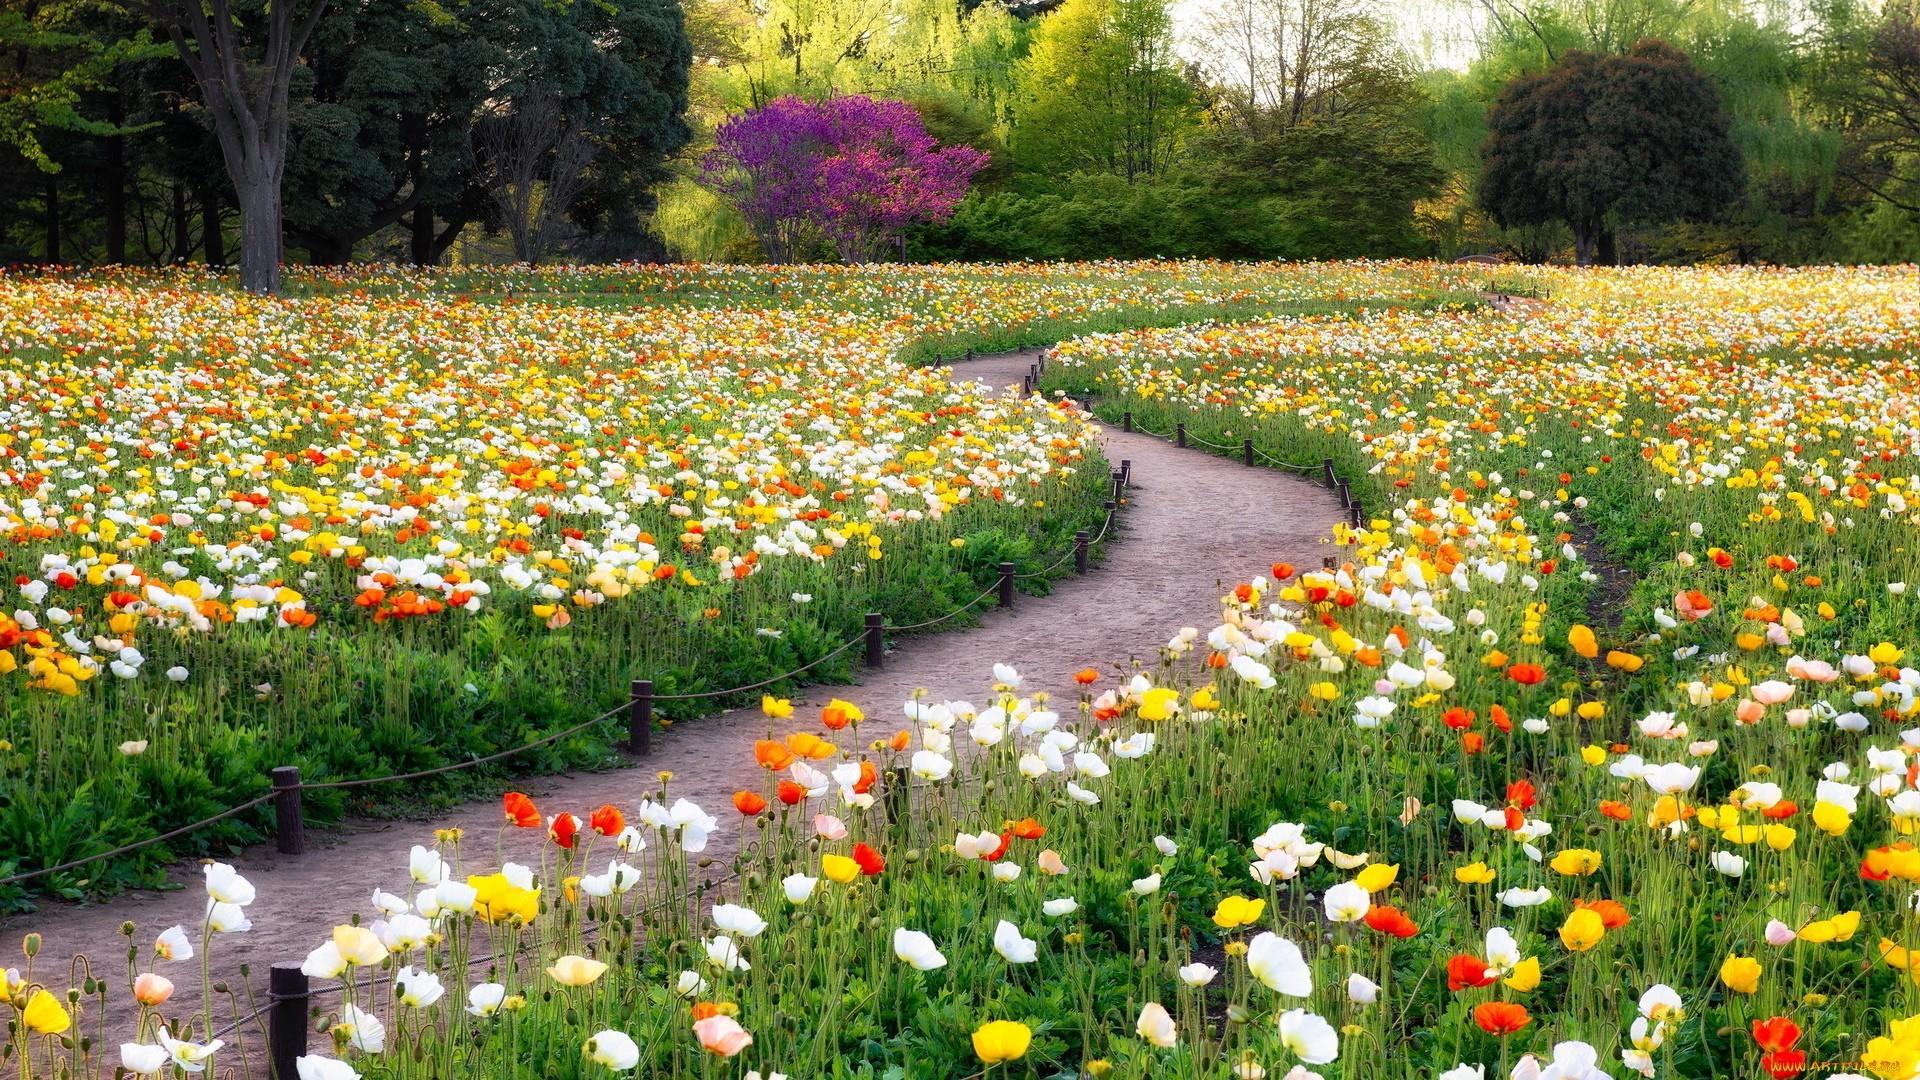 fond d 39 cran des arbres jardin herbe champ chemin coquelicots fleur flore prairie. Black Bedroom Furniture Sets. Home Design Ideas